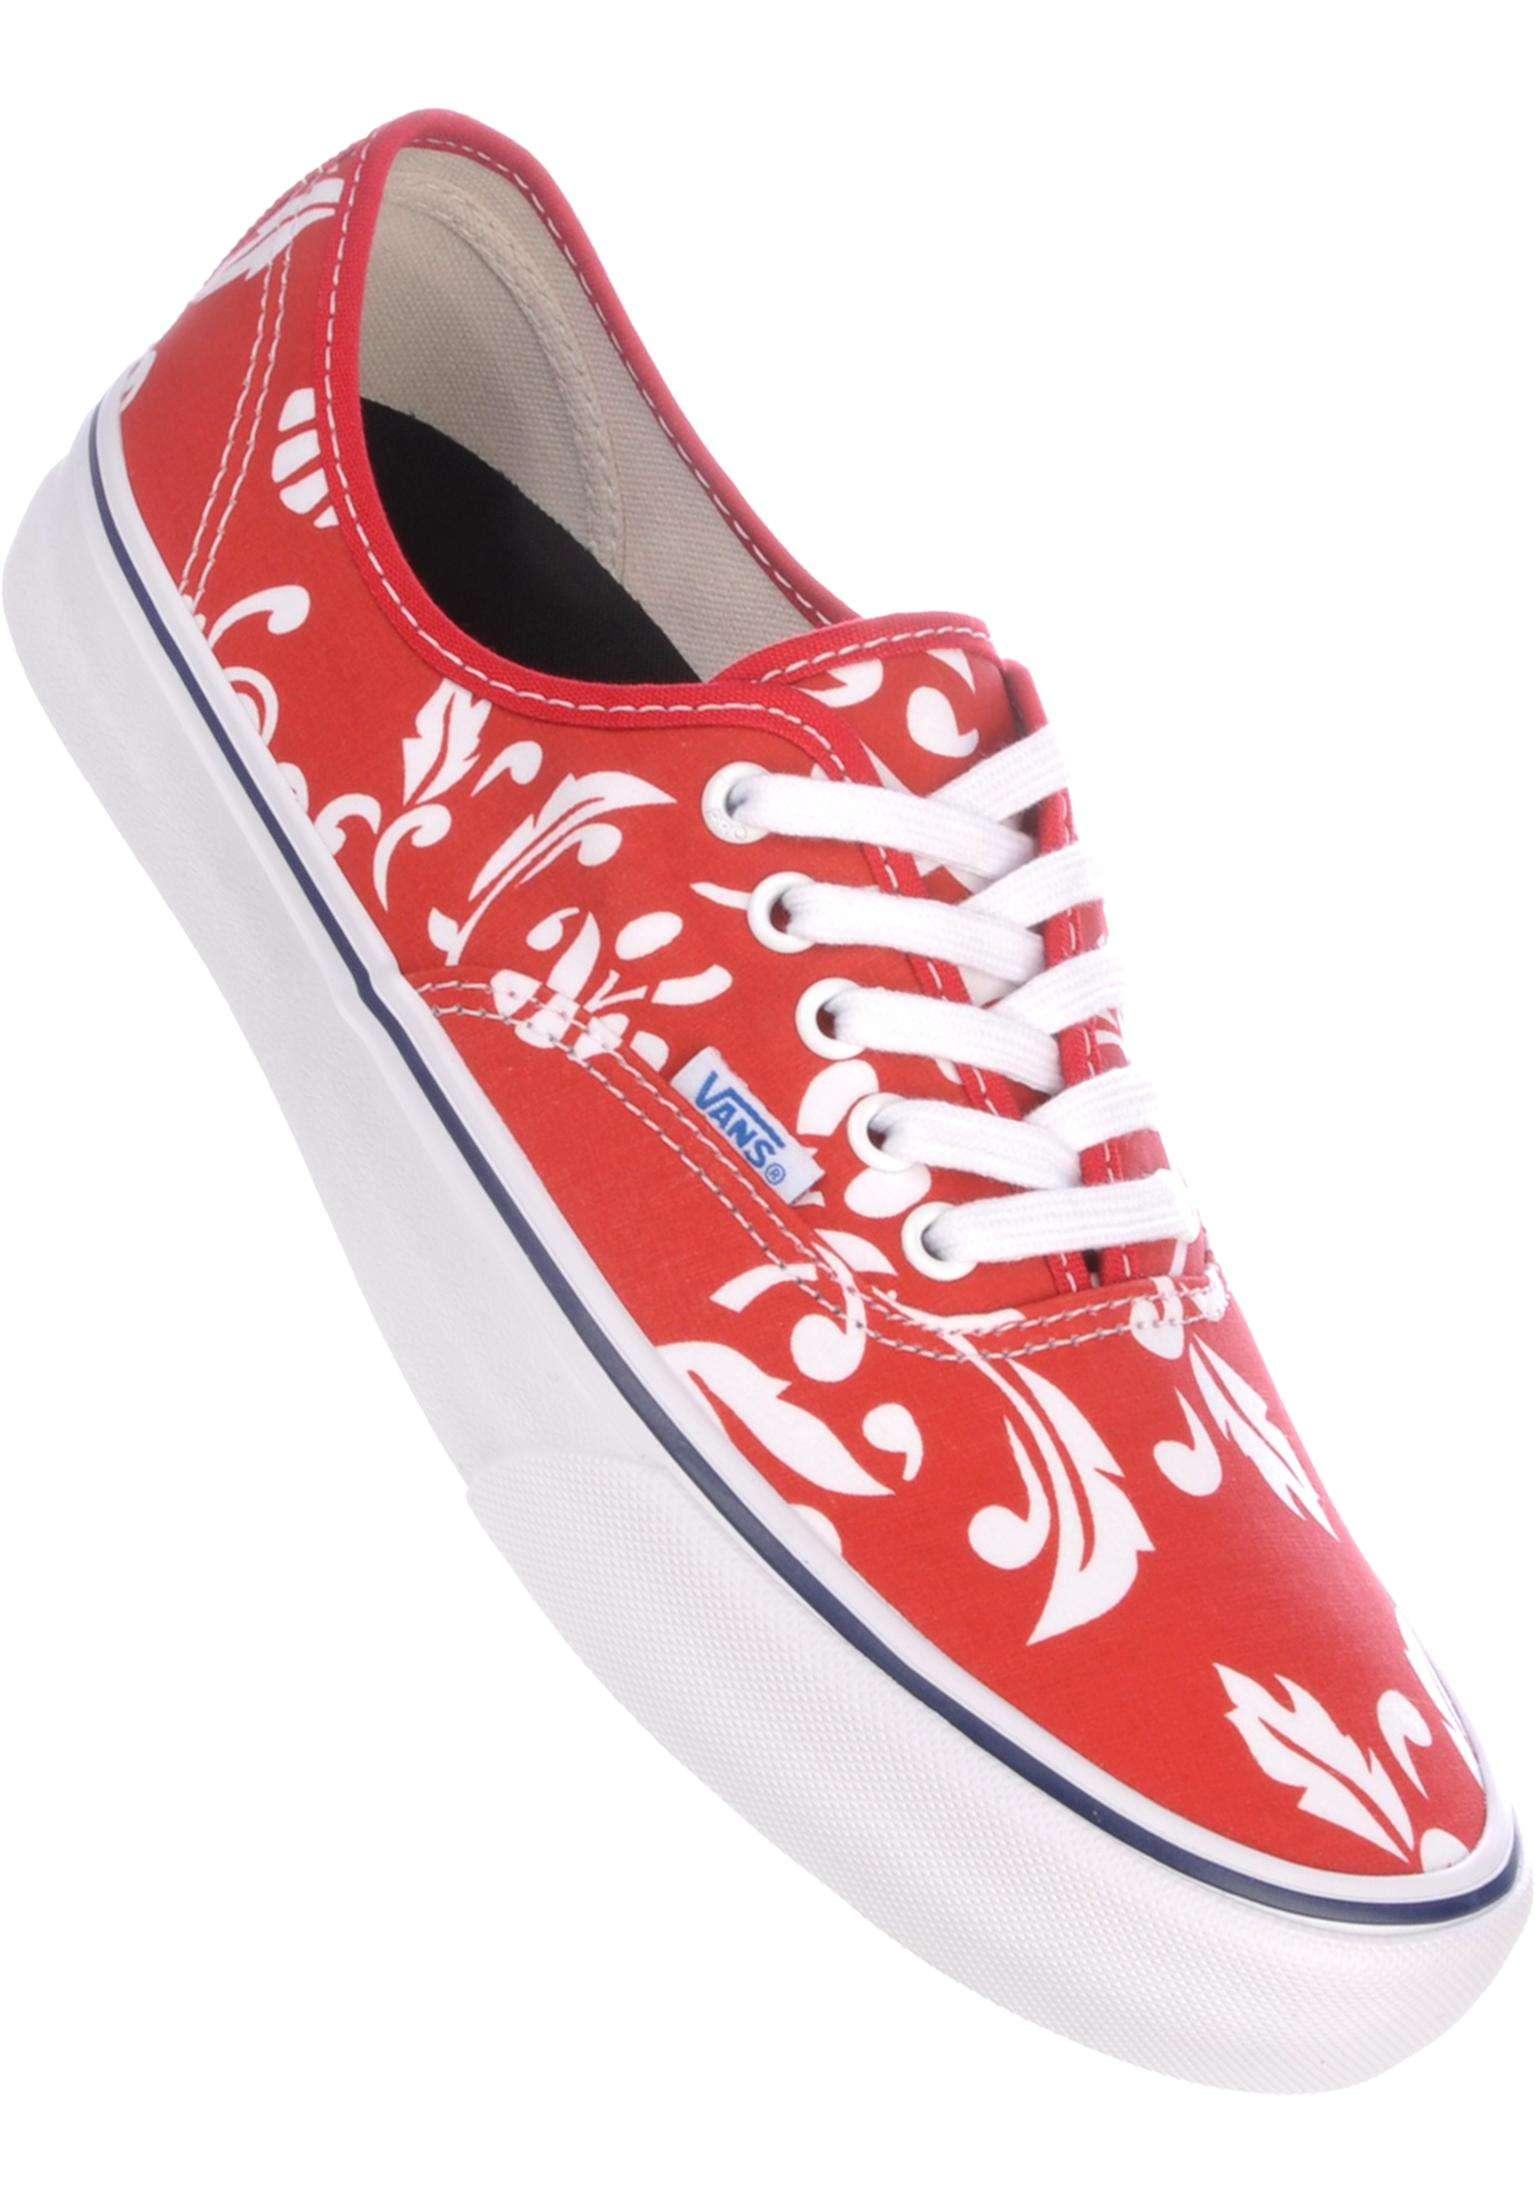 b25441594b Authentic Pro 66 Vans Alle Schoenen in duke-red-white voor Heren